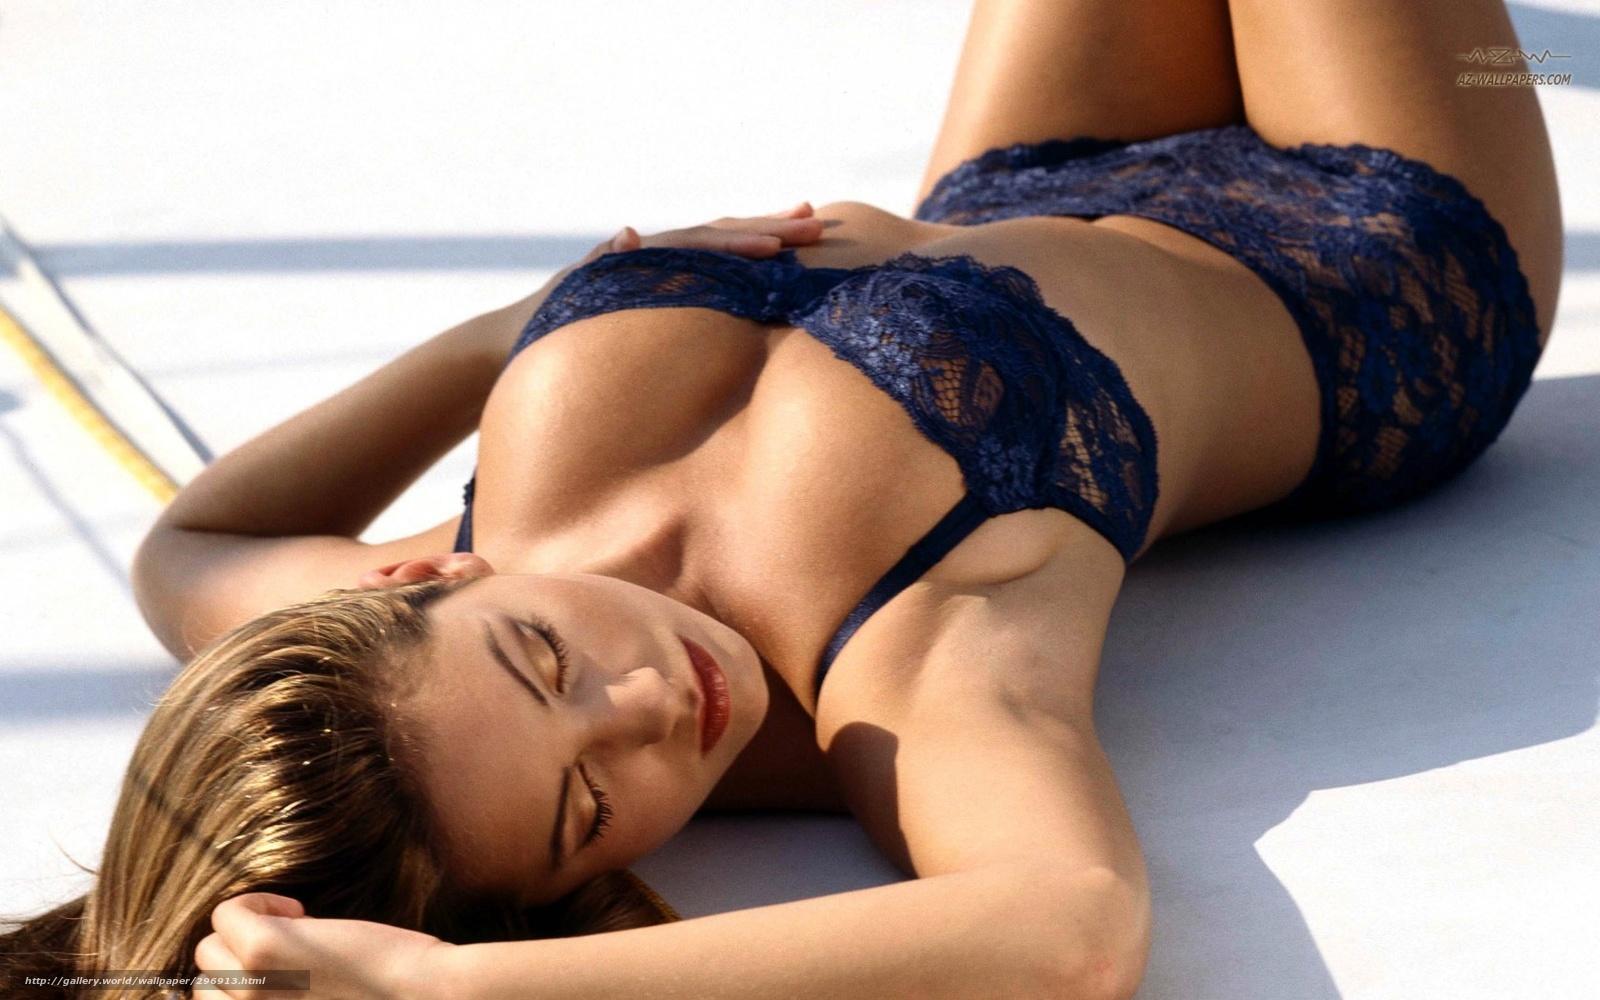 Секс порно с сексуальными девочками 22 фотография